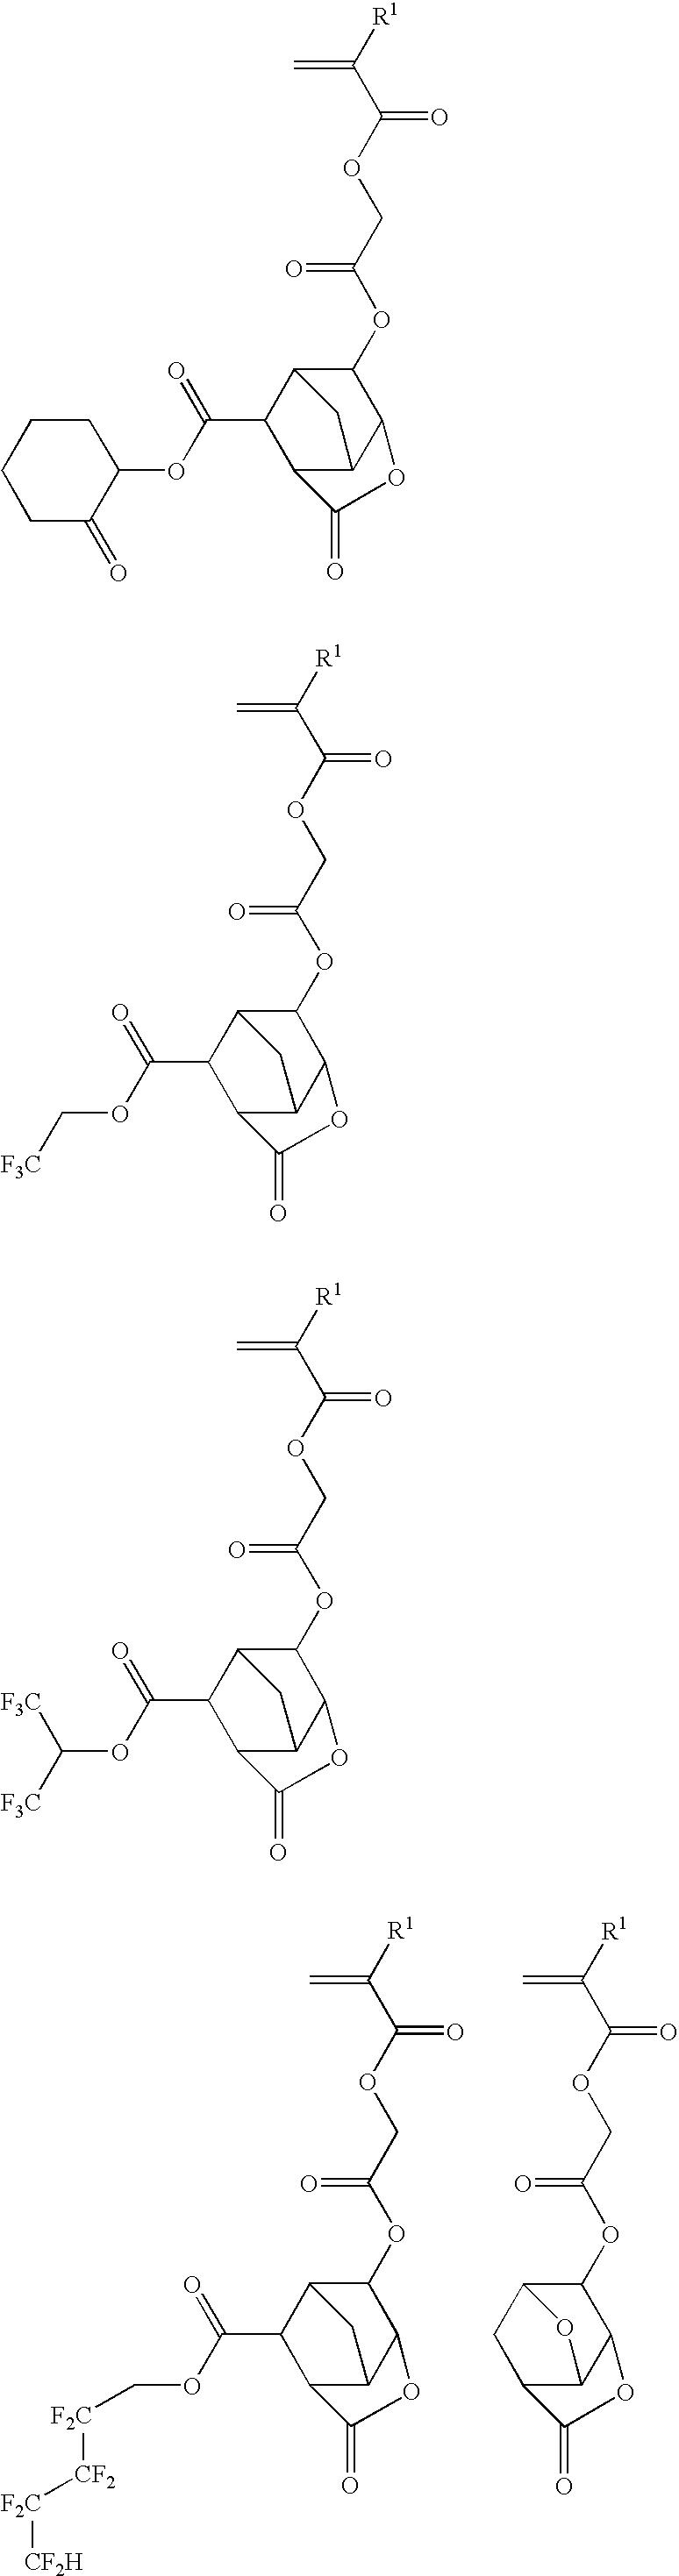 Figure US20080026331A1-20080131-C00012